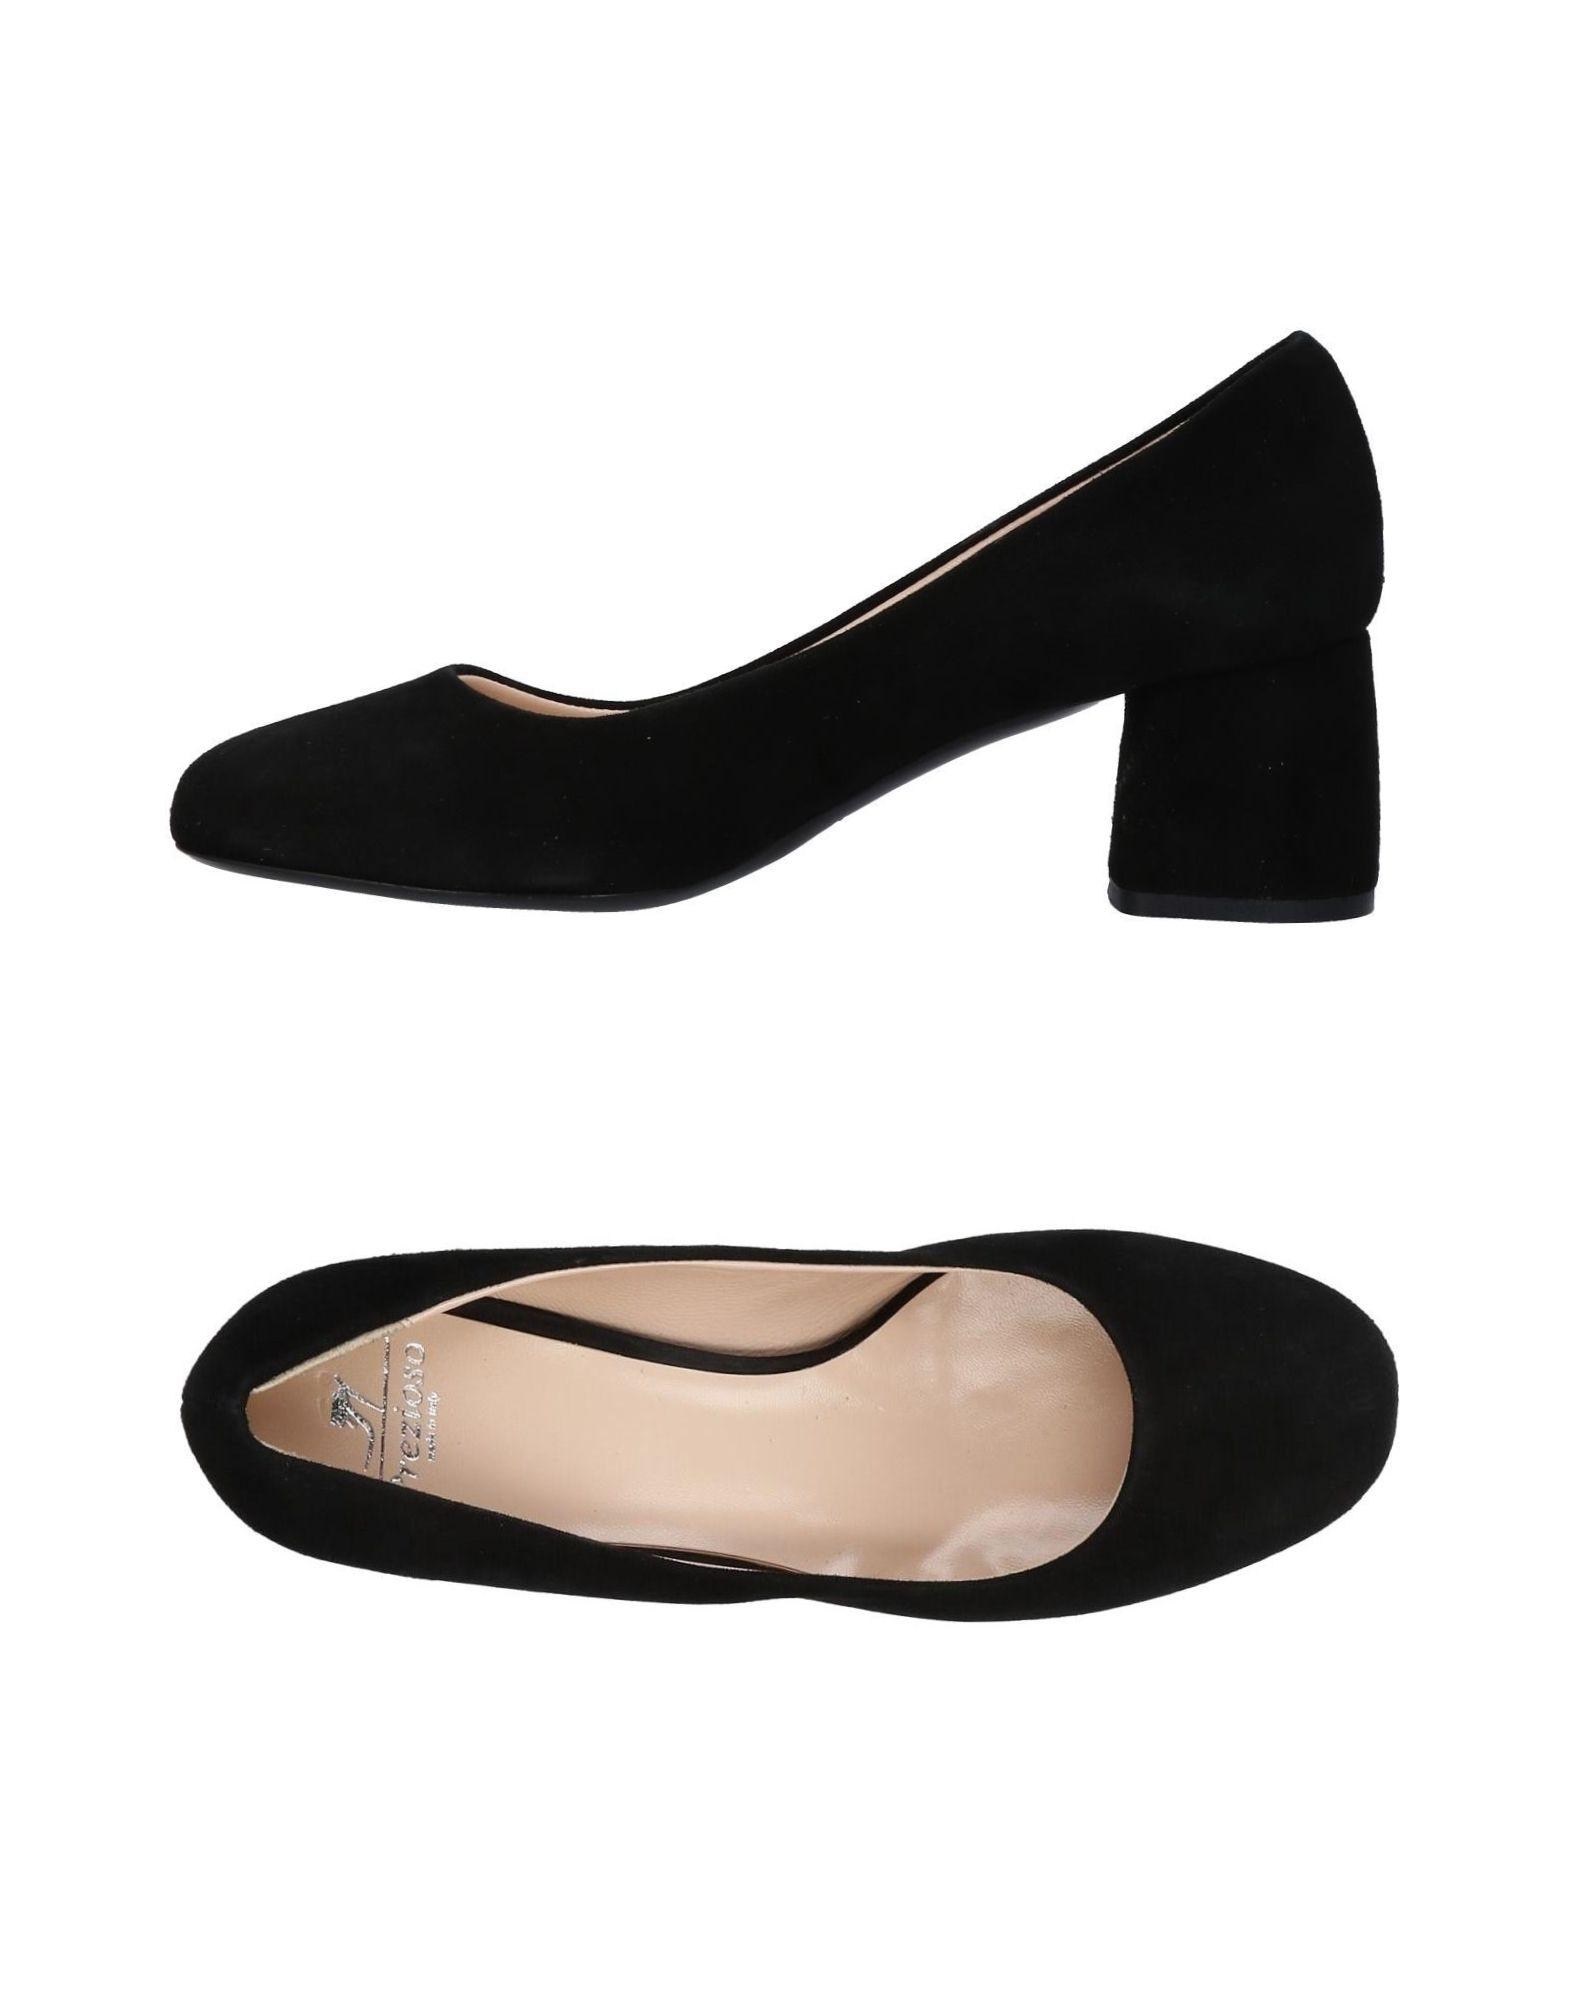 Sandali Melluso offerte Donna - 11534962PN Nuove offerte Melluso e scarpe comode 265171